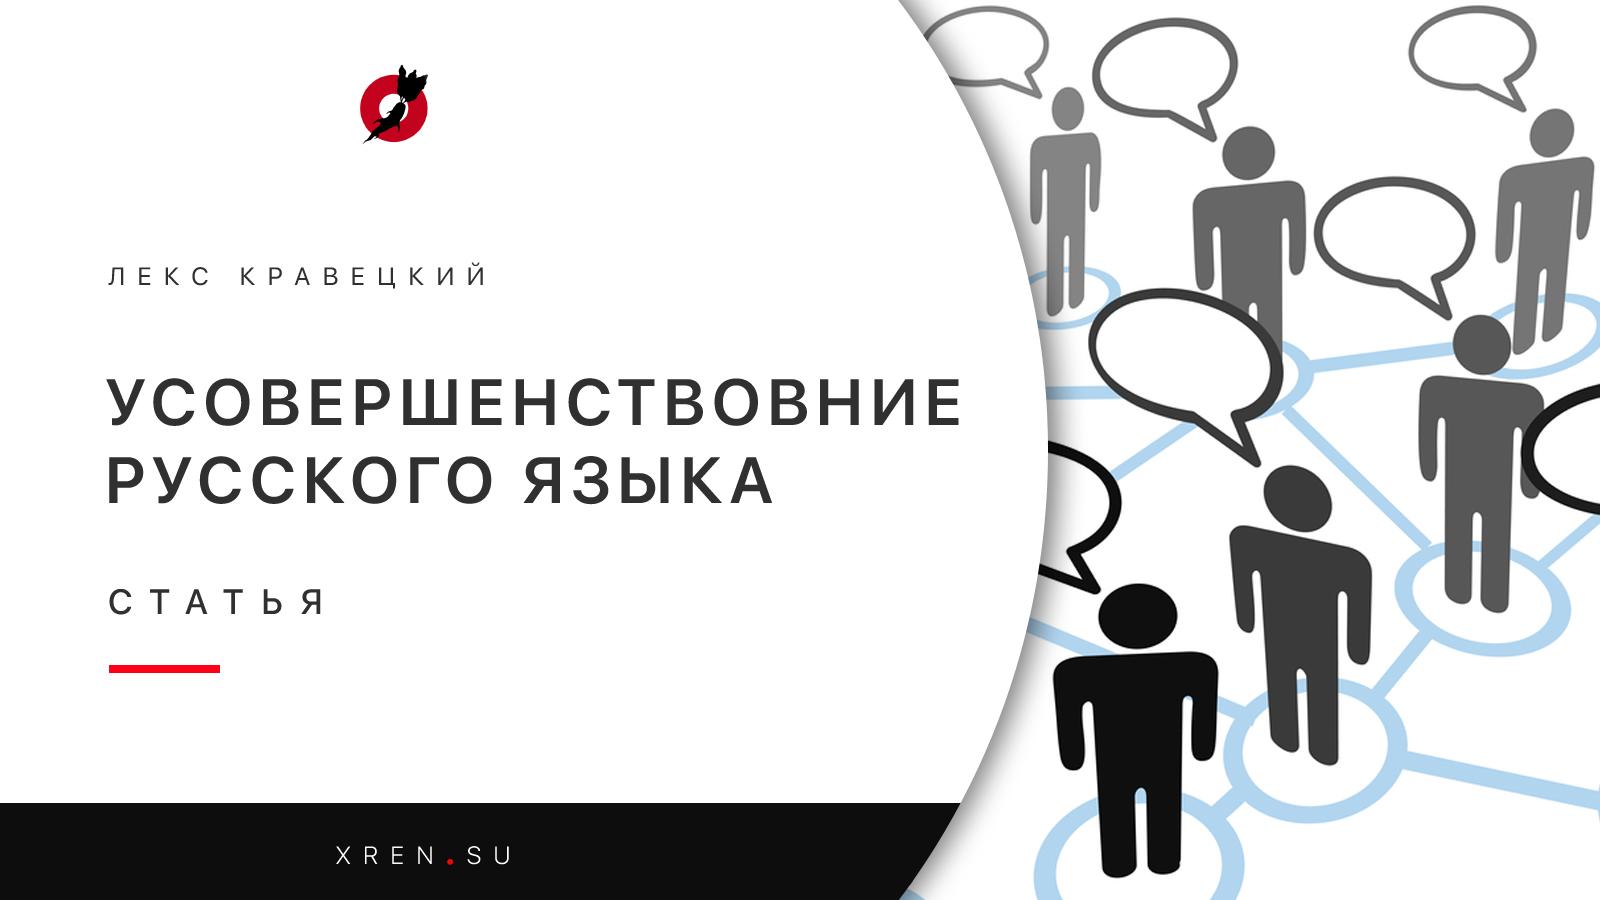 Усовершенствование русского языка